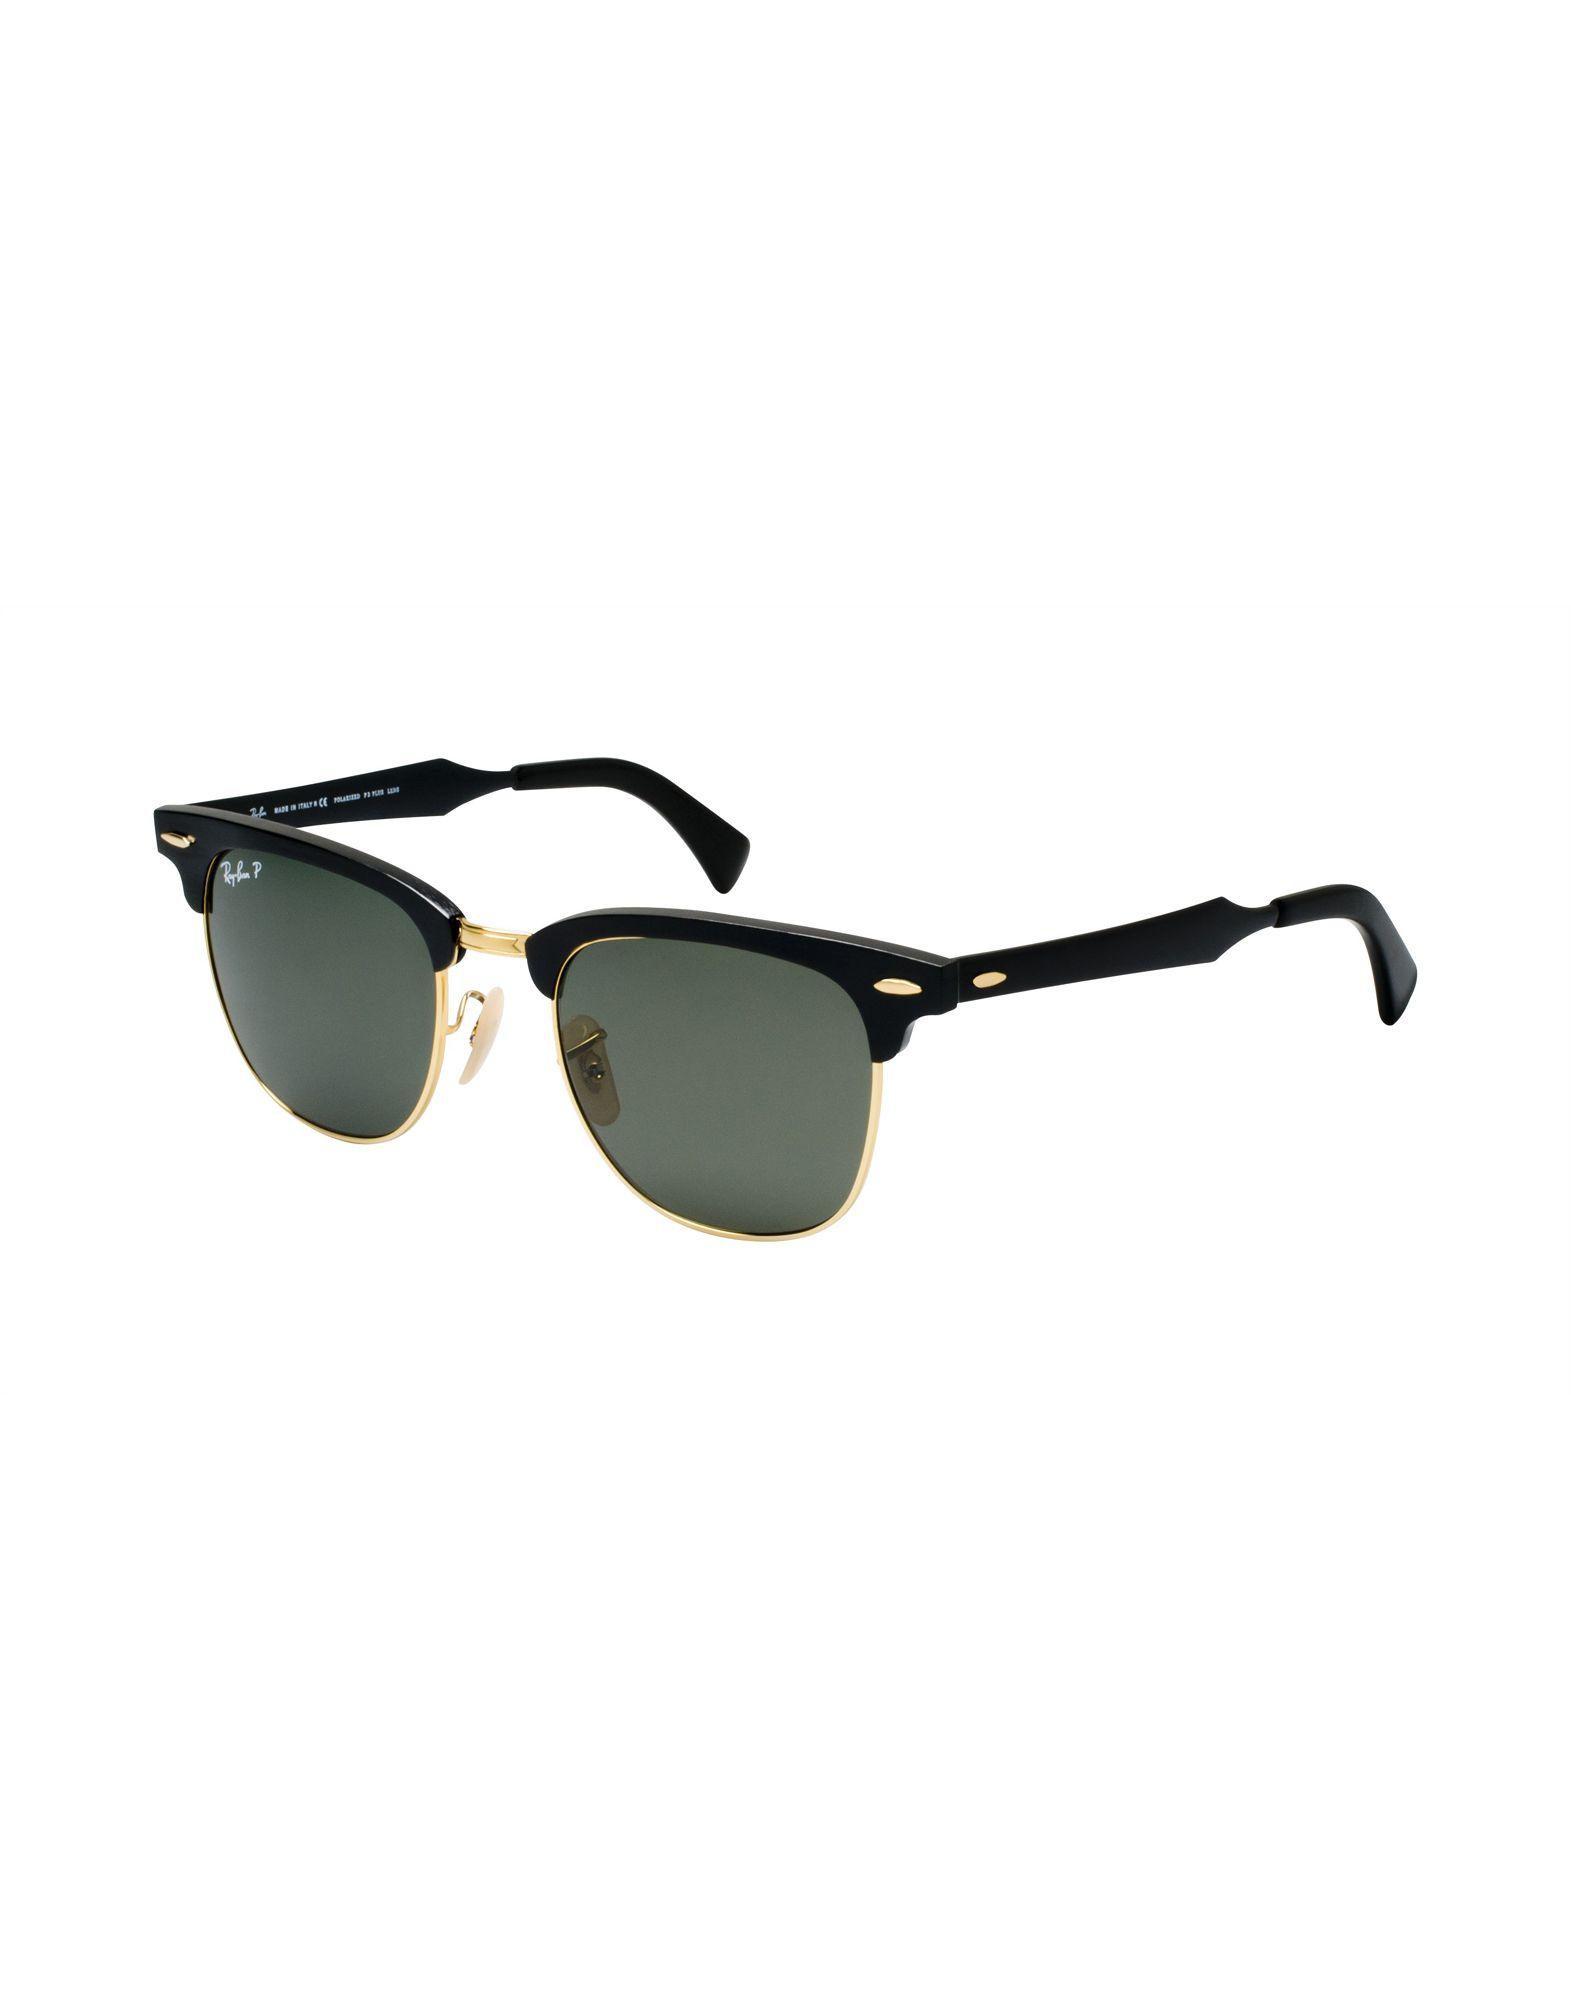 RAY-BAN Солнечные очки потребительские товары uv400 clubmaster